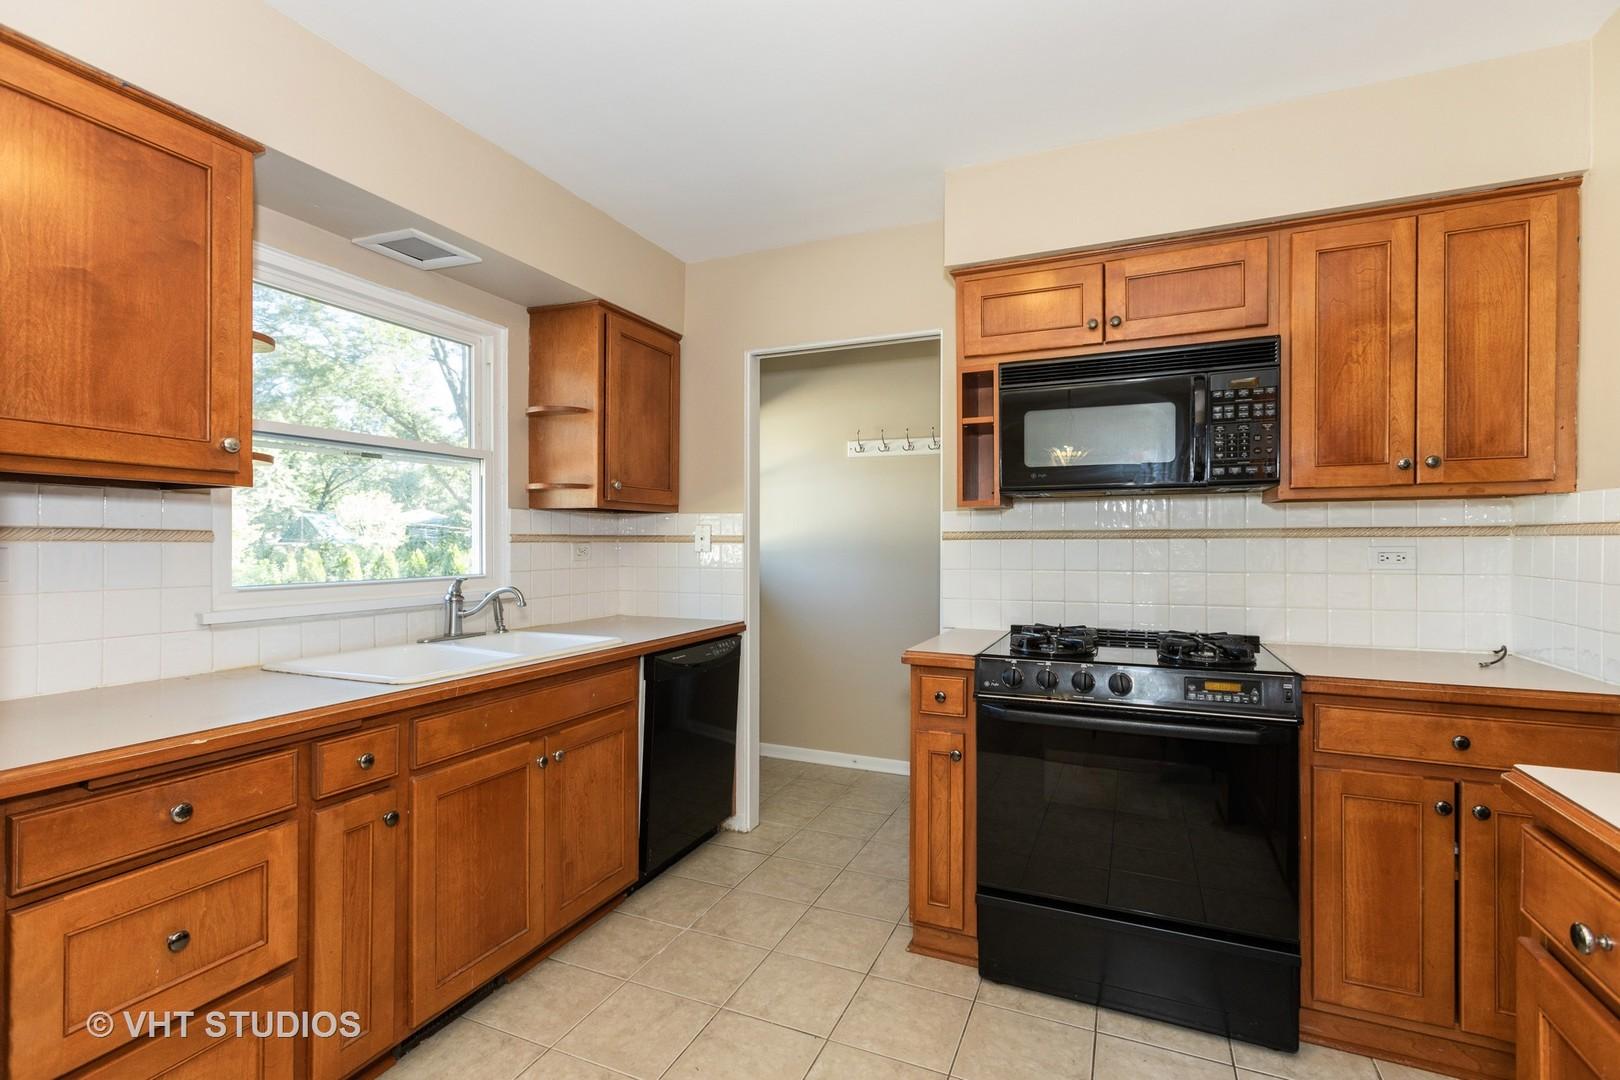 $359,900 - 3Br/2Ba -  for Sale in West Highlands, Naperville